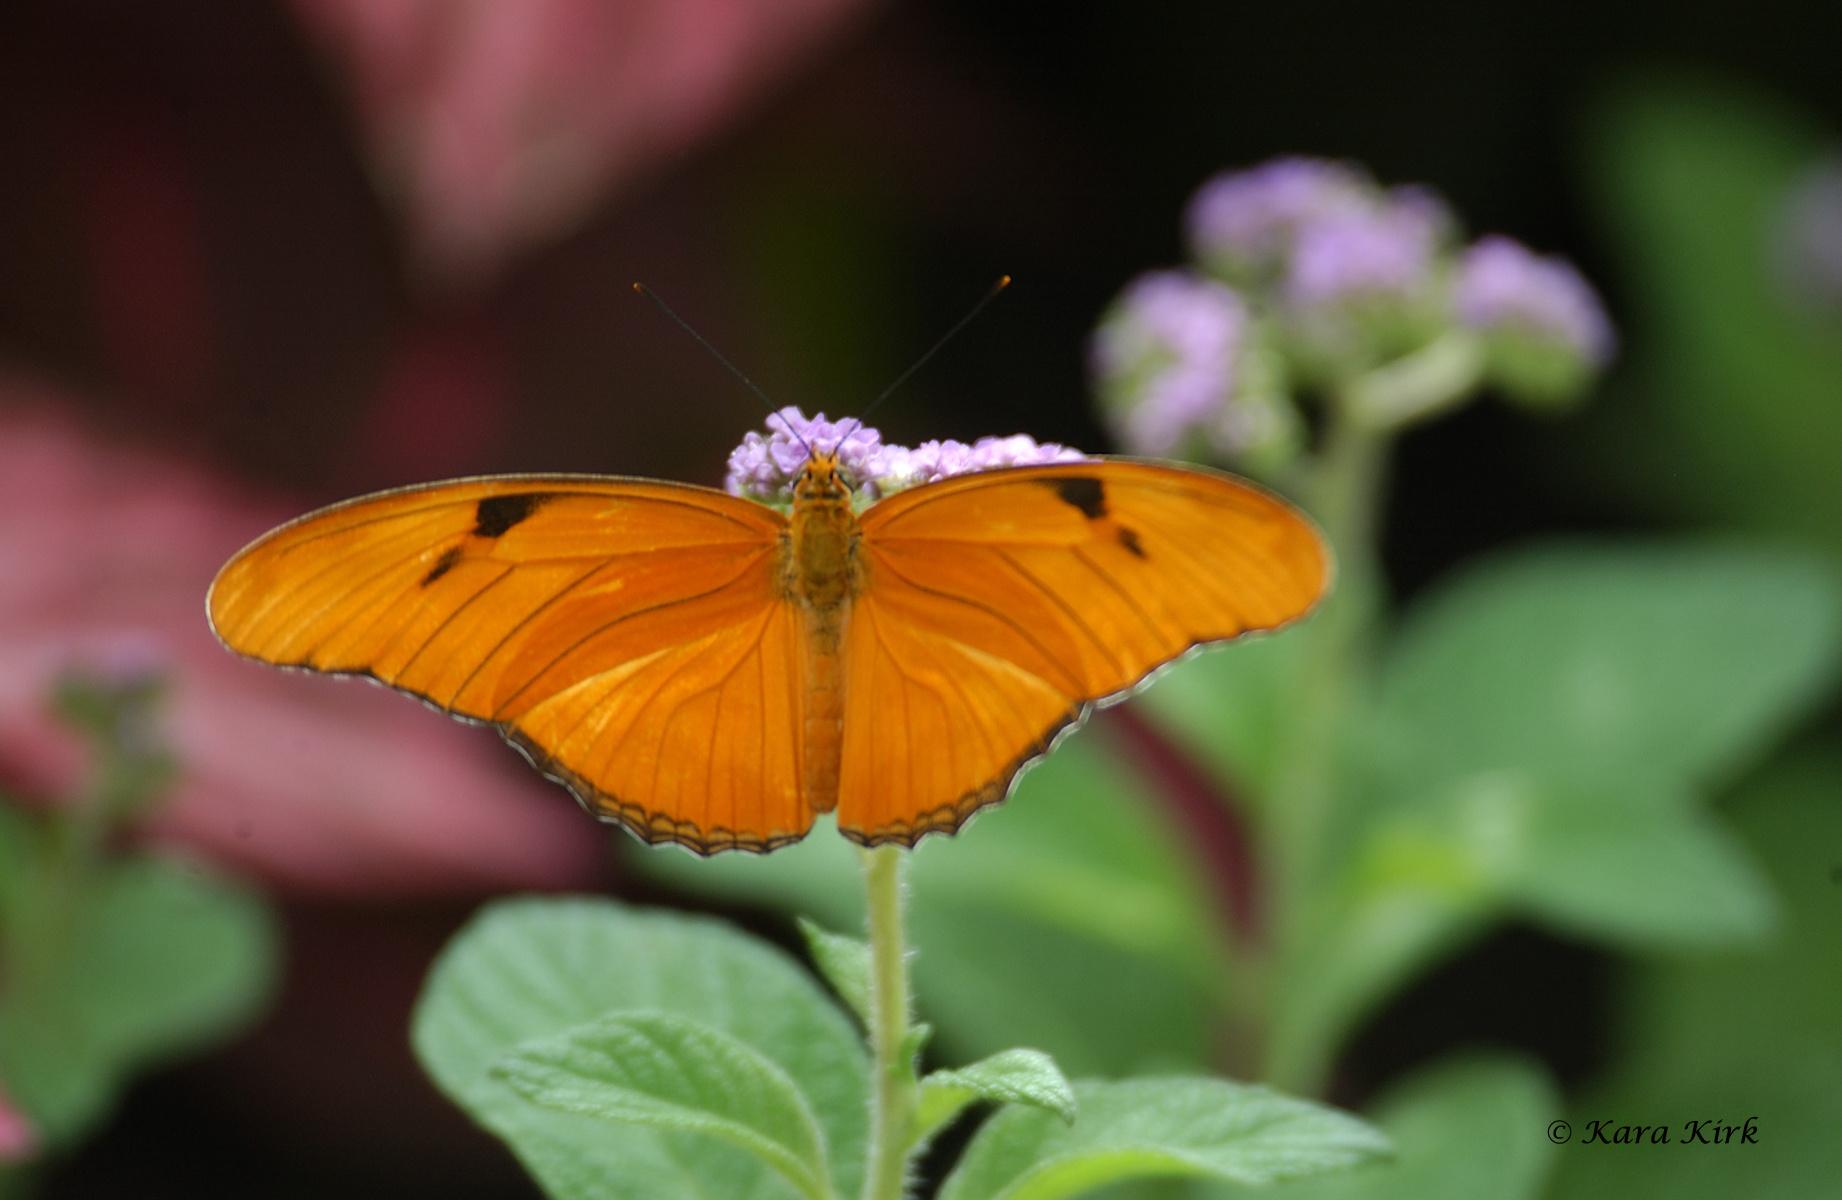 https://0201.nccdn.net/1_2/000/000/14d/52d/04-17-11-Krohn-Conservatory-Butterfly-Show--Cinti--OH-41-4x6-1842x1200.jpg